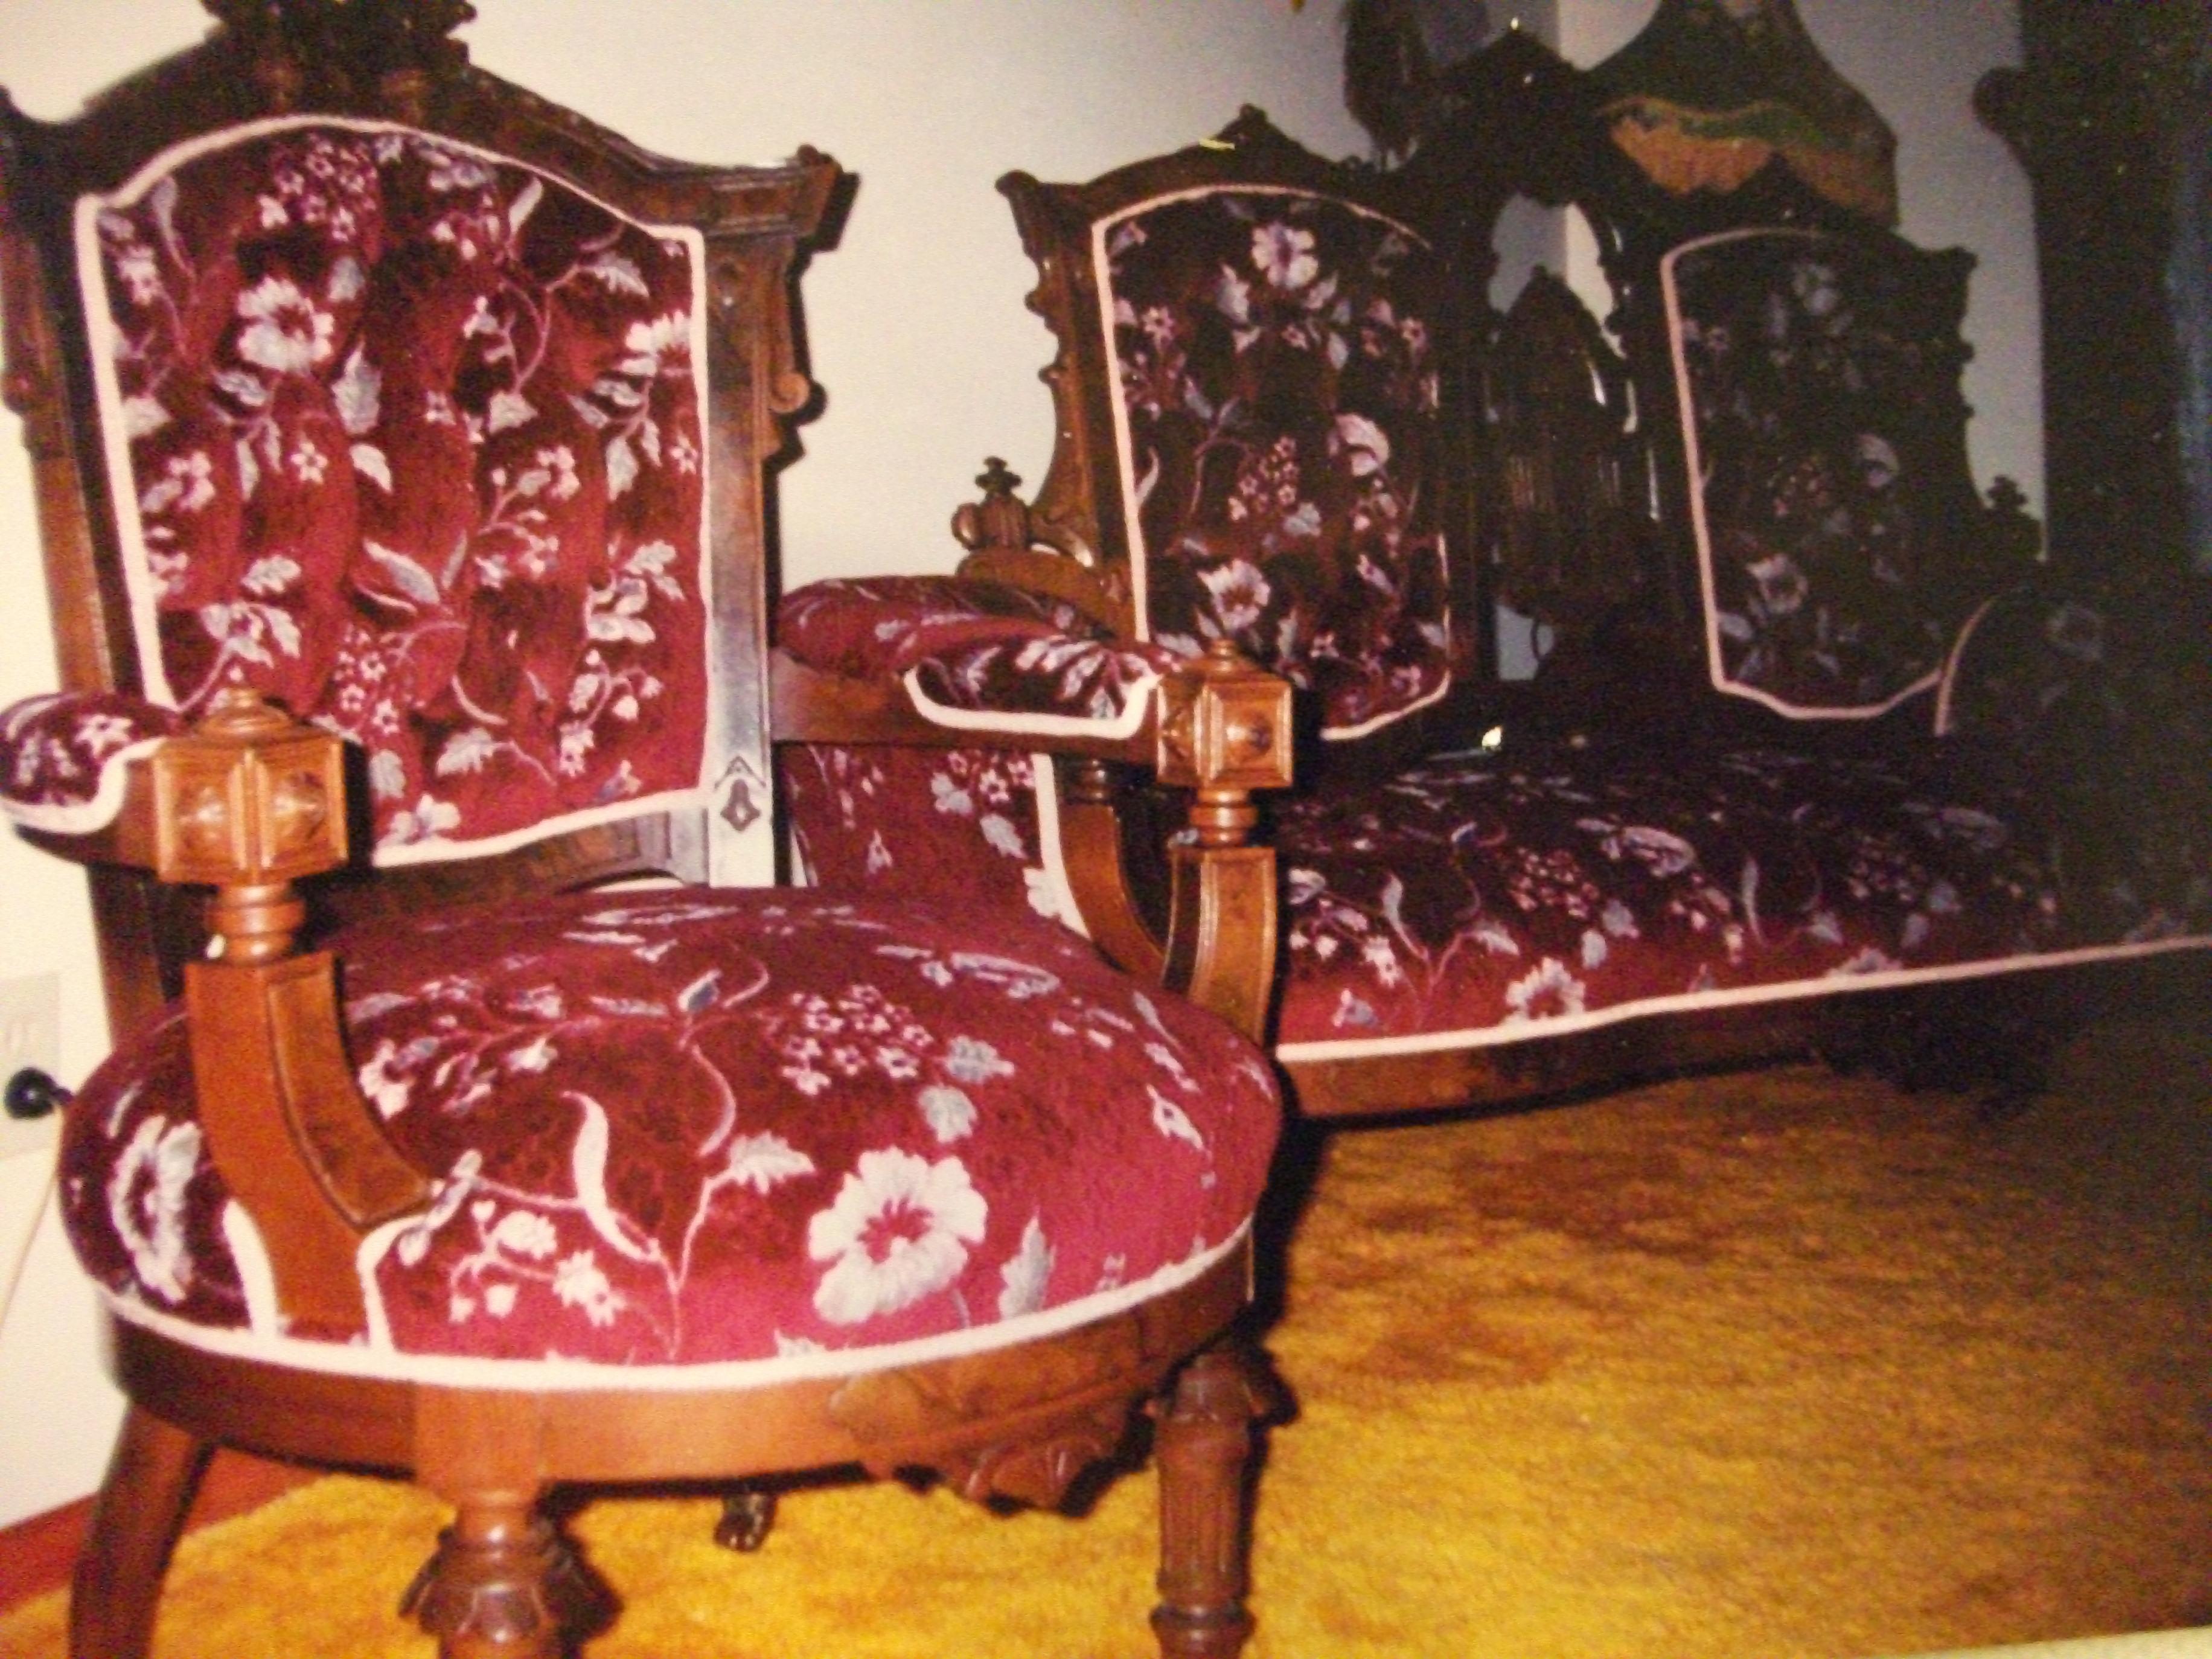 Rembourreur marc gillis rembourrage de meubles antiques for Meubles anciens montreal